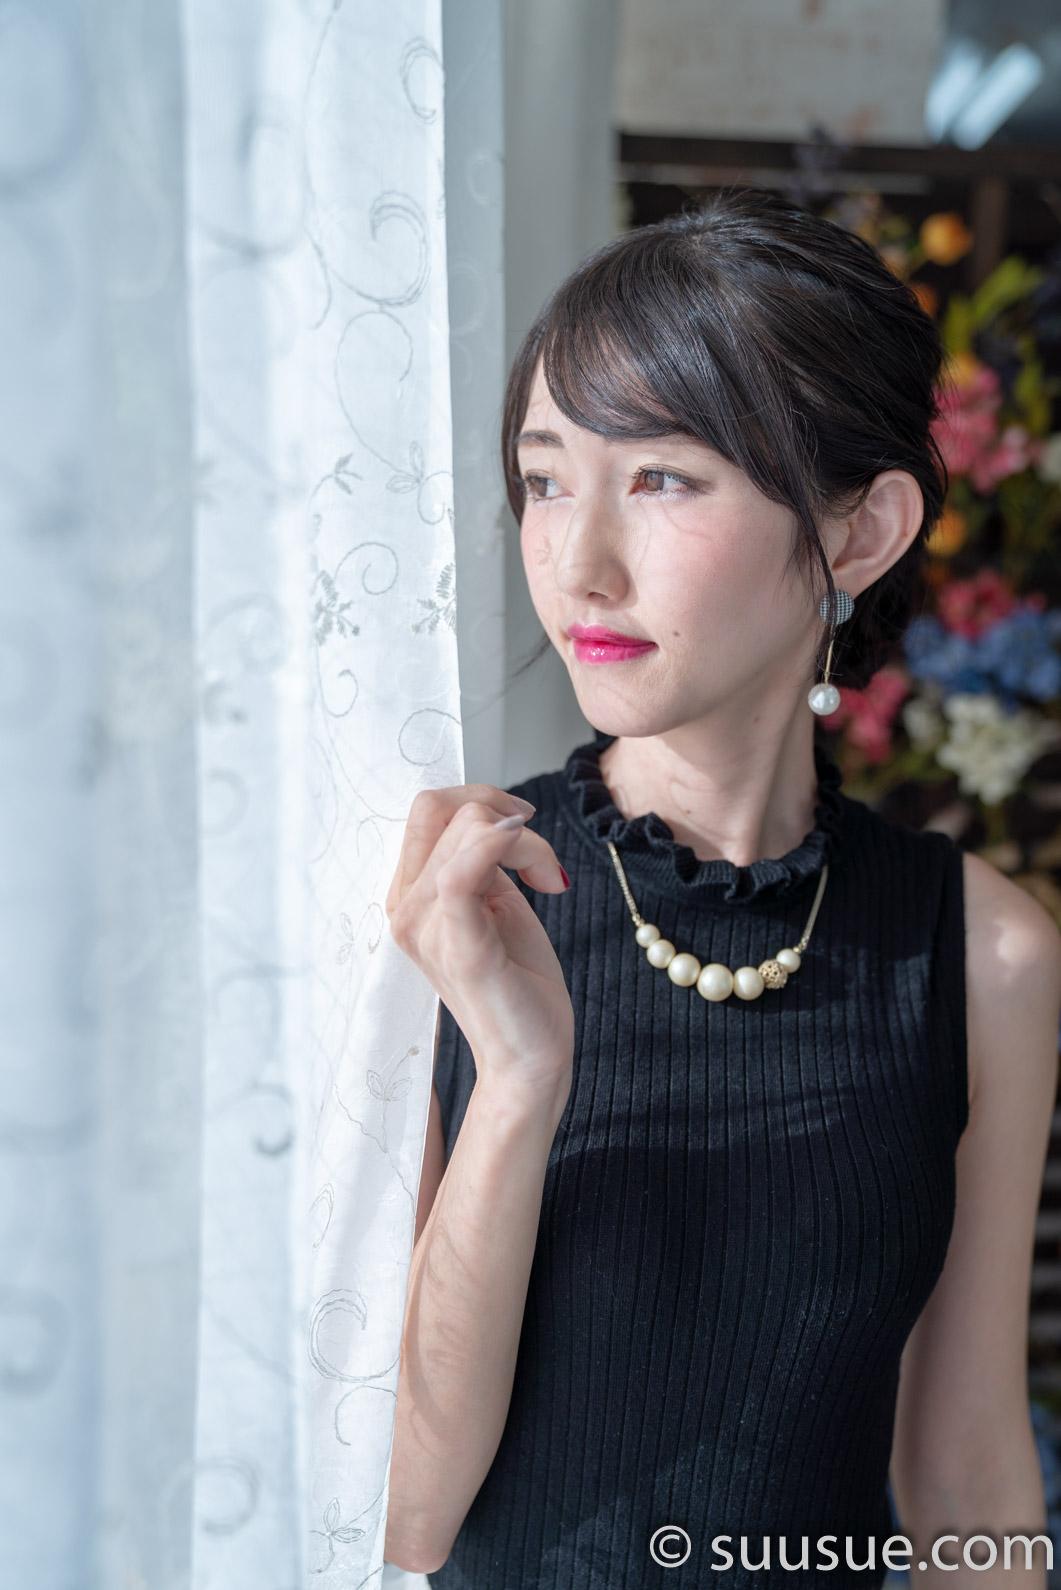 2018/09/22キャンディフルーツフォトクラブみゆ